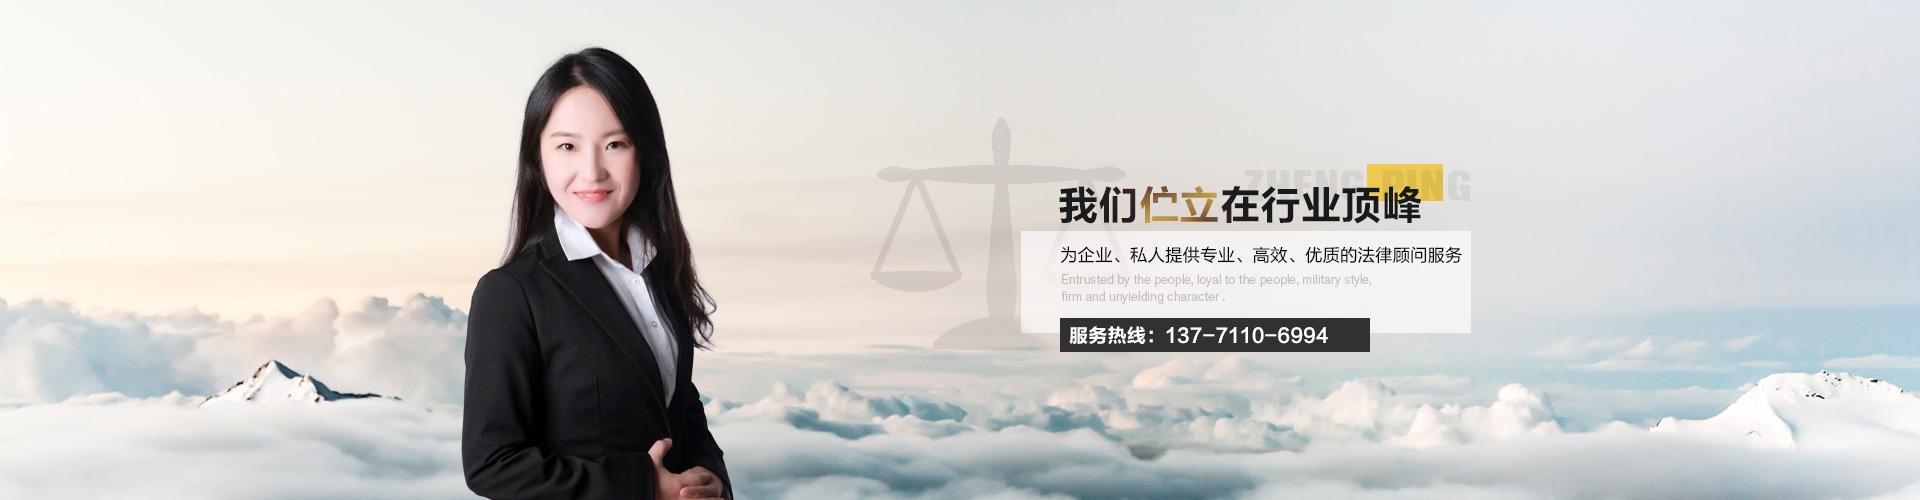 江苏张慧律师